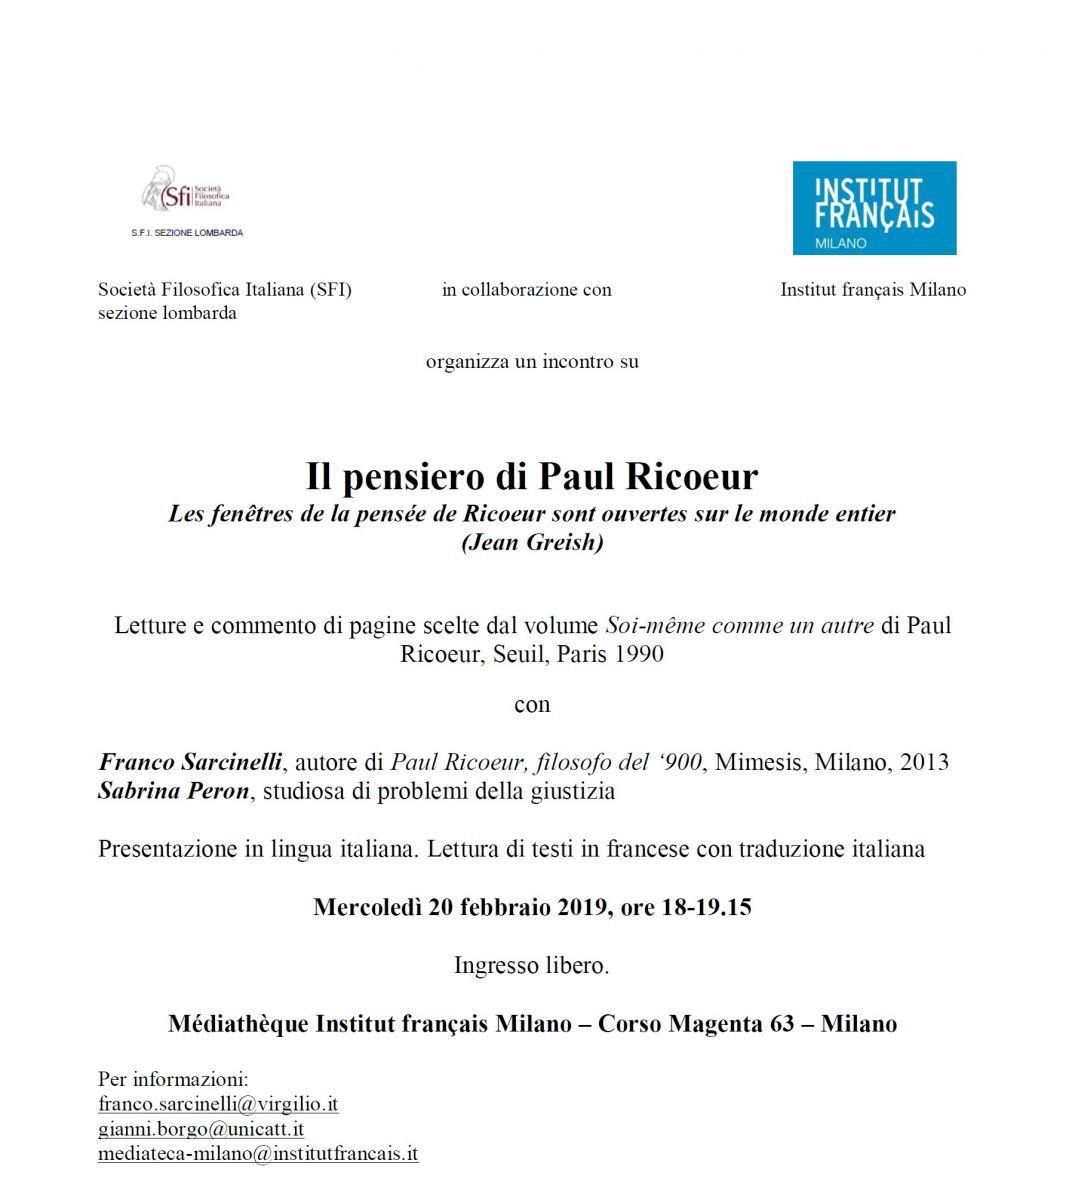 Il pensiero di Paul Ricoeur - Les fenêtres de la pensée de Ricoeur sont ouvertes sur le monde entier (Jean Greish)